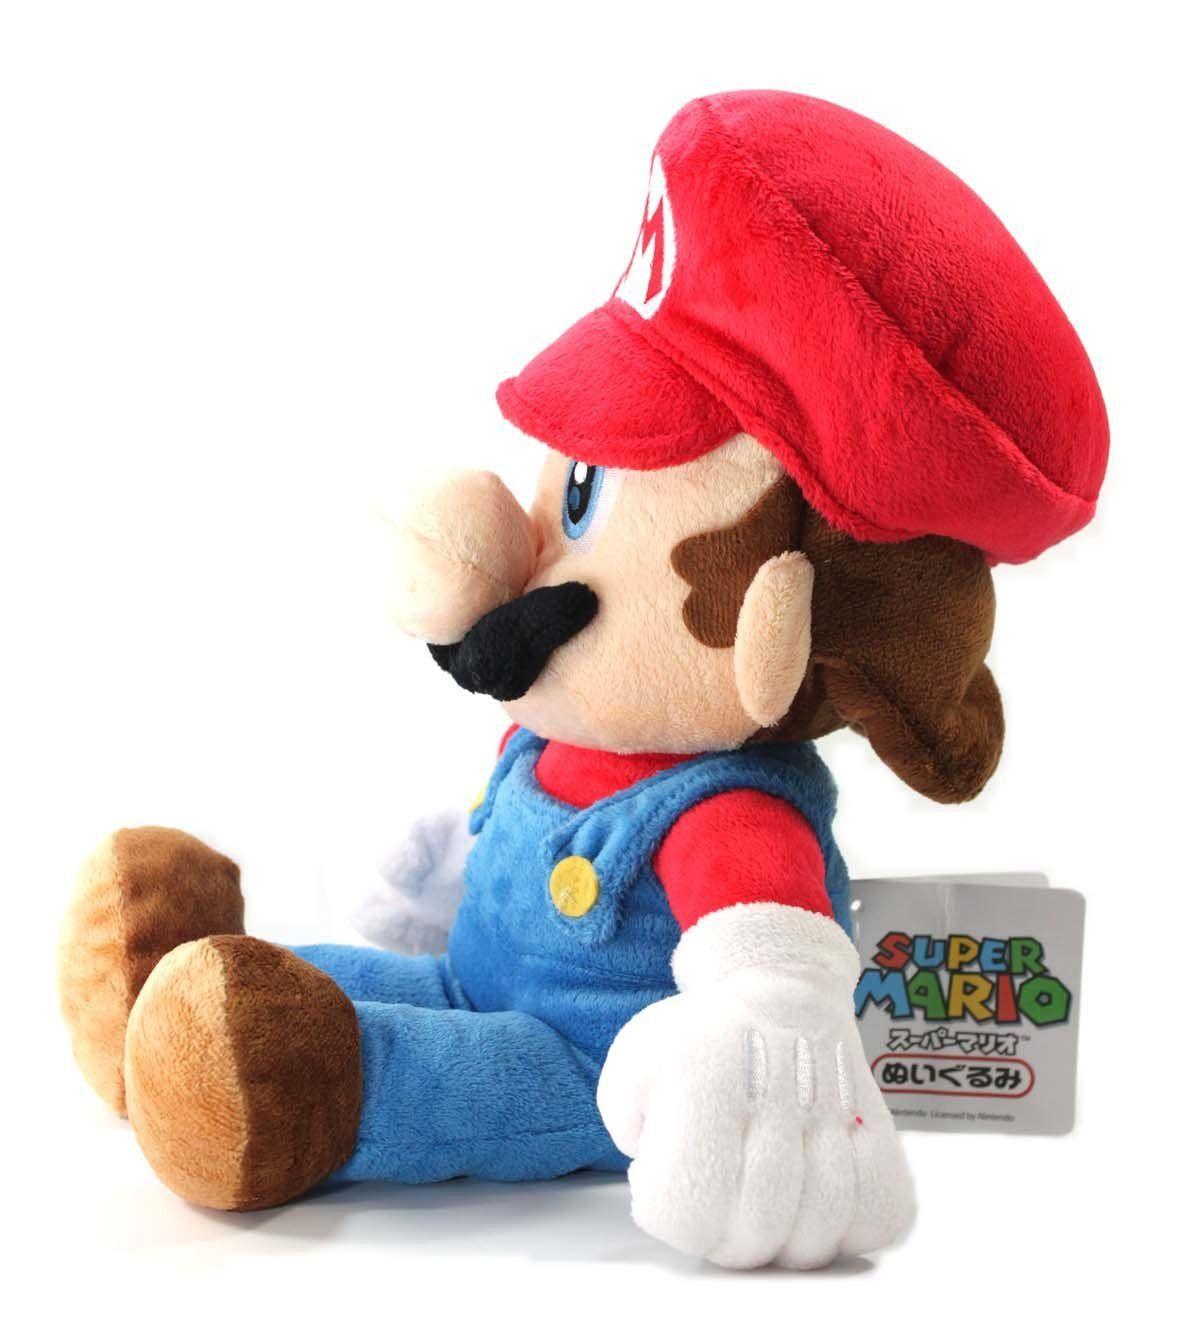 Japanese Plush Toys : Super mario plush soft stuffed toy